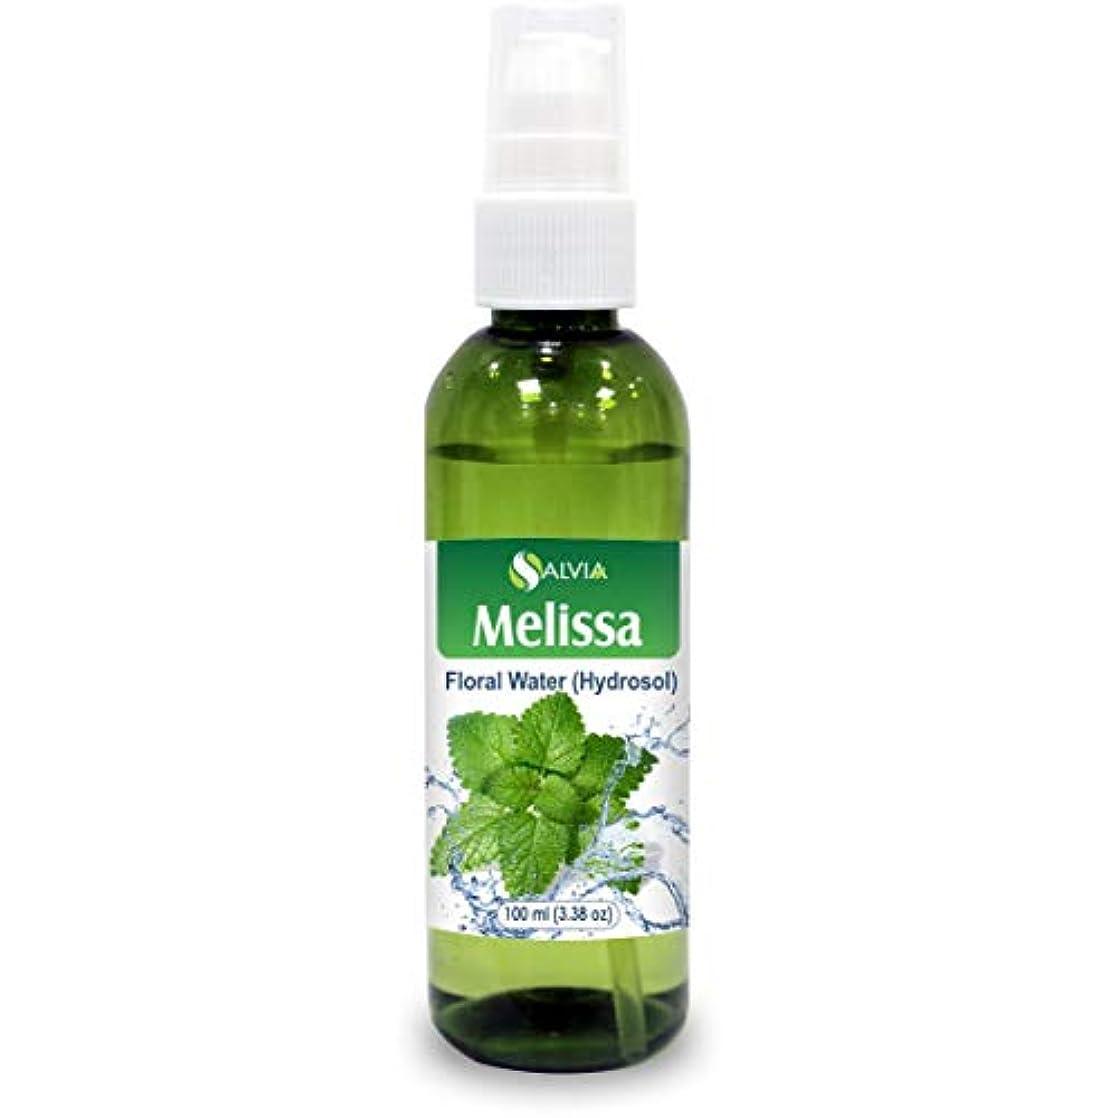 貪欲教育学前方へMelissa (Lemon Balm) Floral Water 100ml (Hydrosol) 100% Pure And Natural